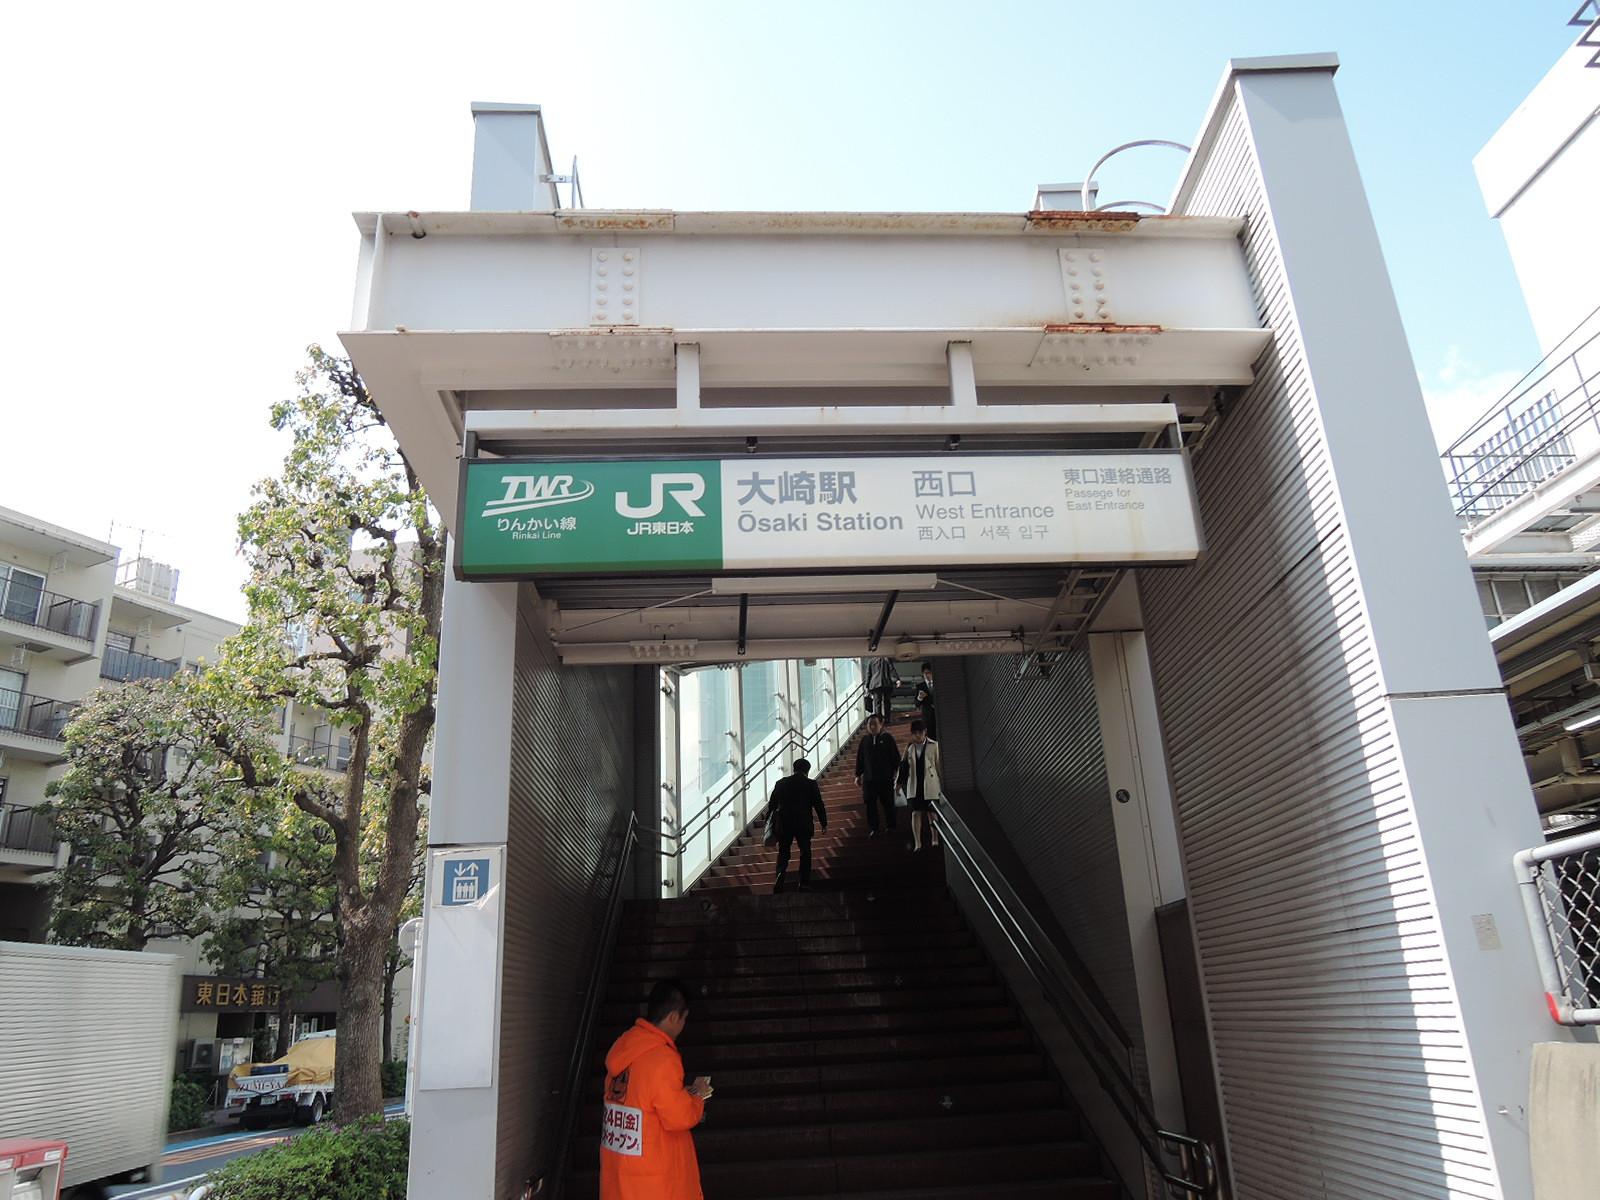 最寄駅はJR山手線「大崎」駅